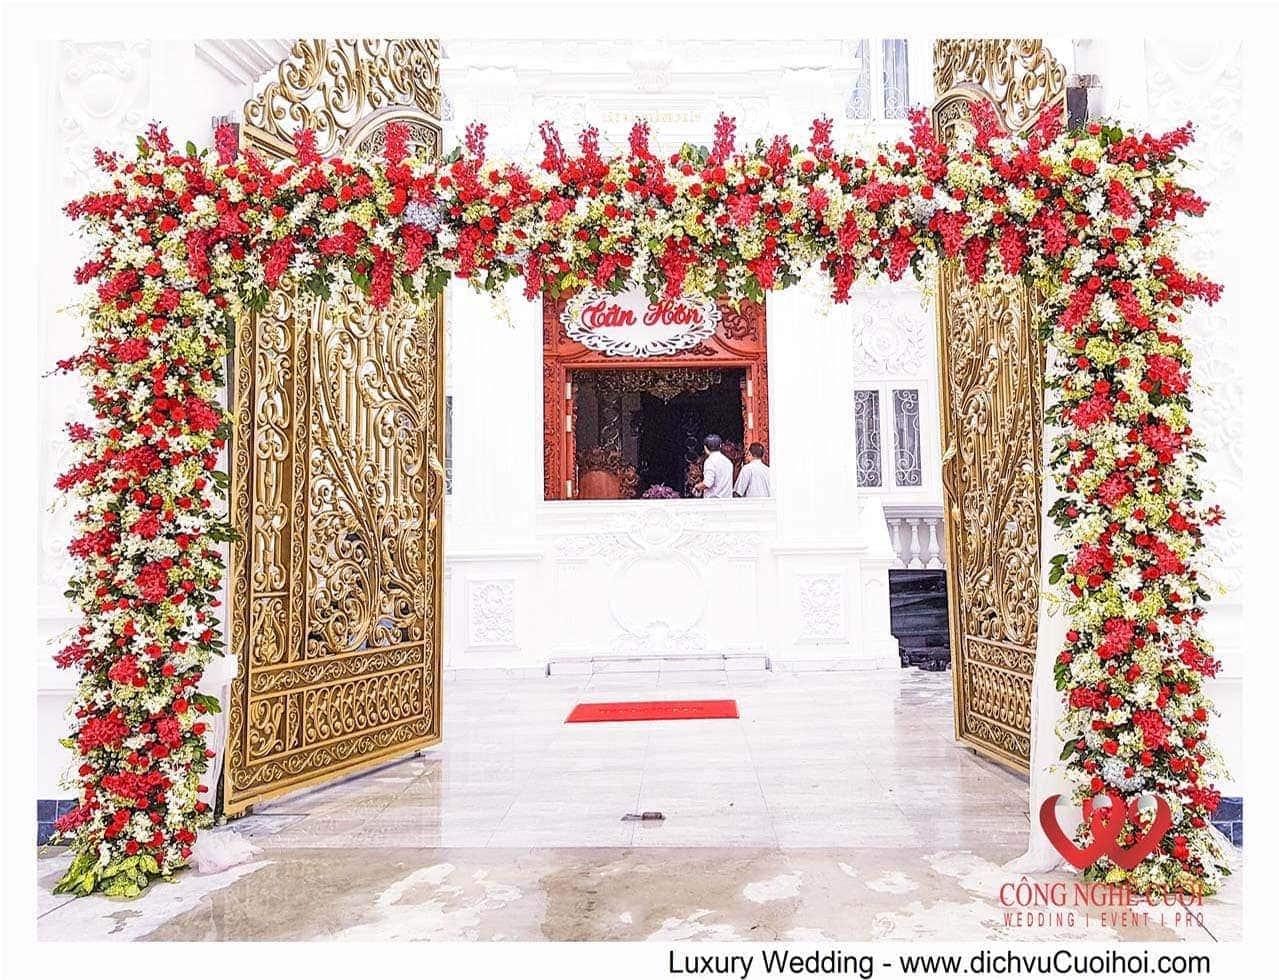 Trang trí đám cưới tại nhà - dịch vụ cưới trọn gói